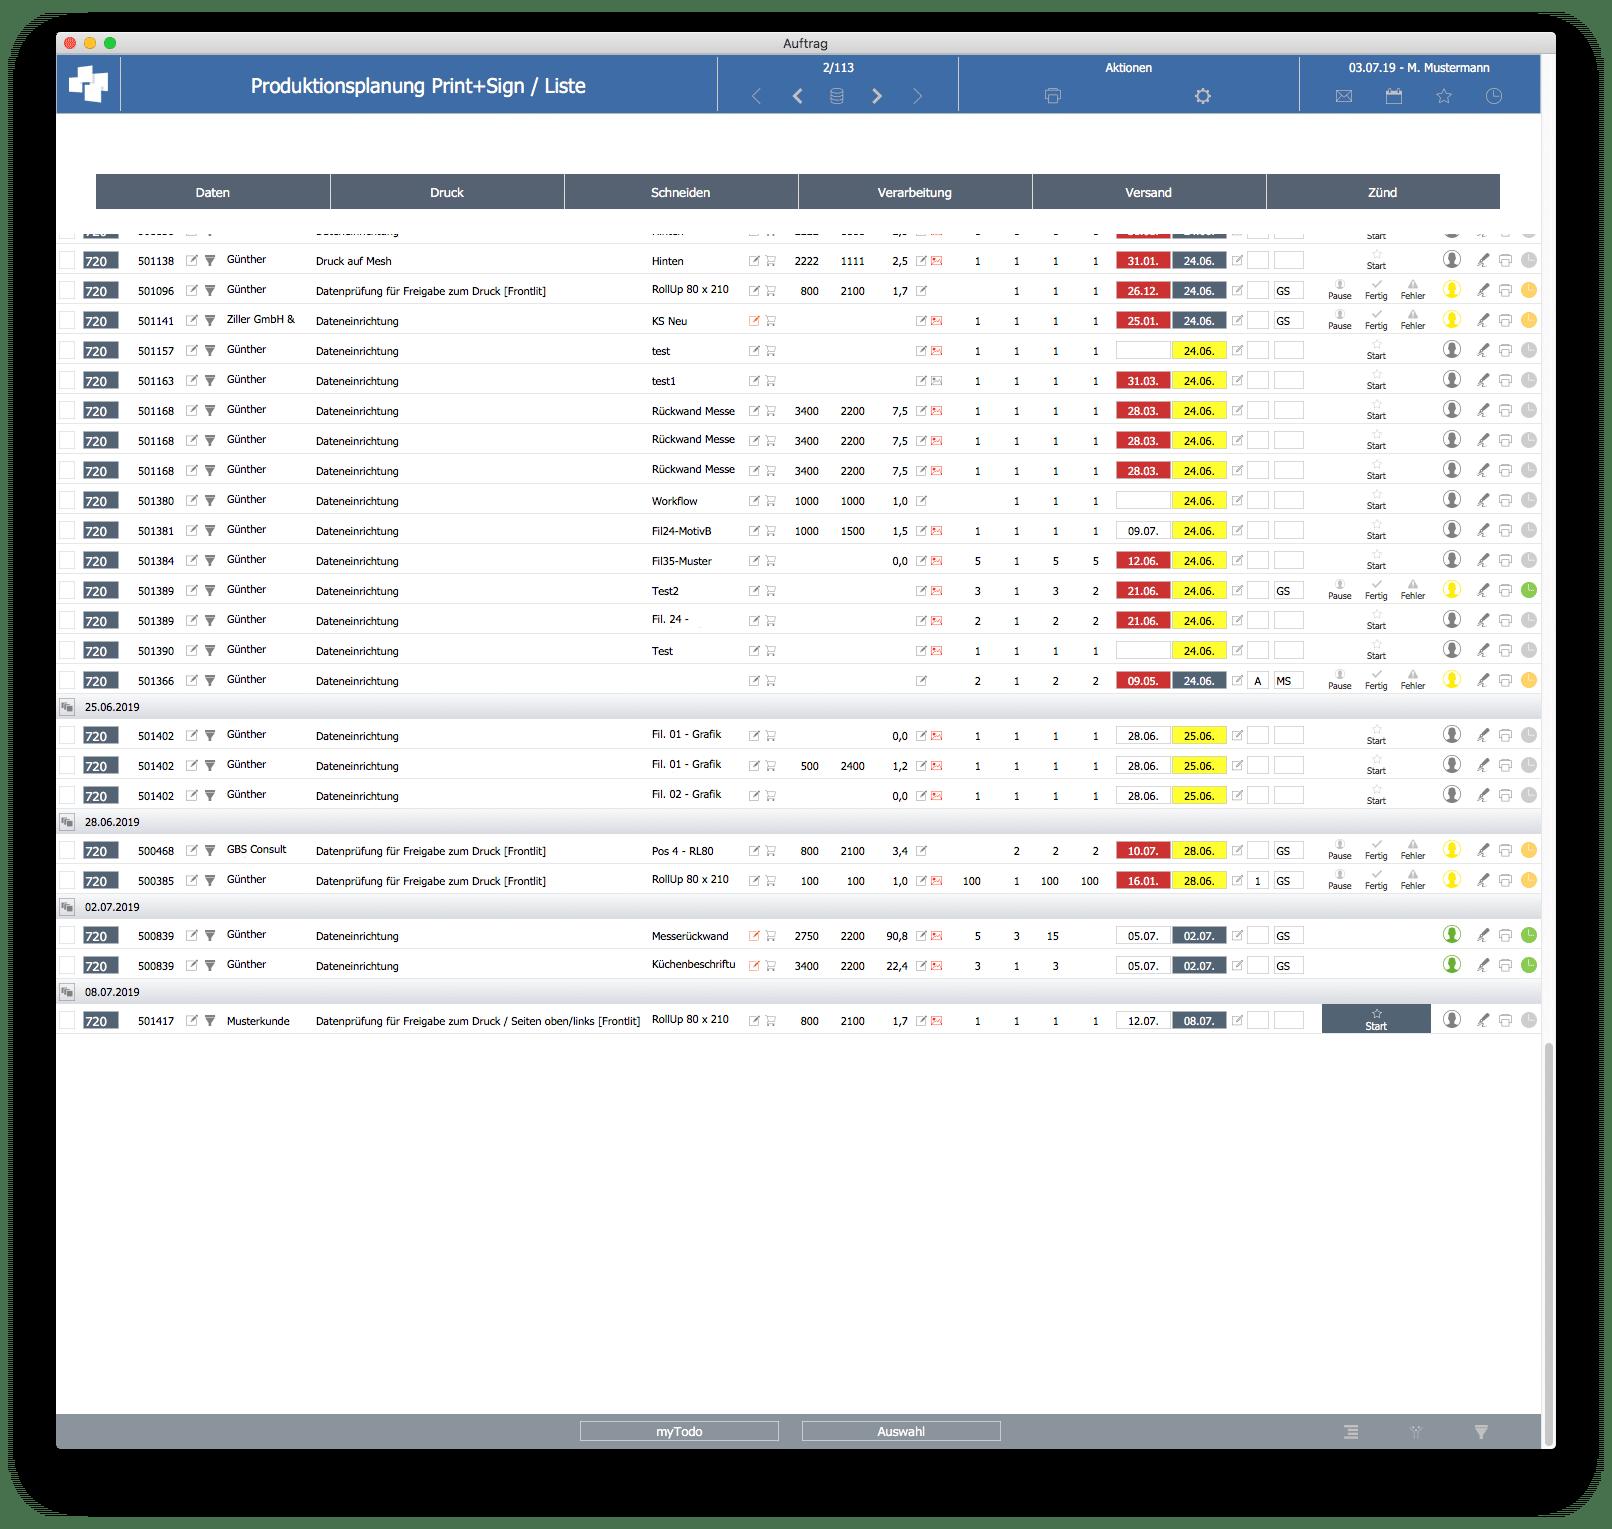 advanter 5.0 Kostenstellenliste